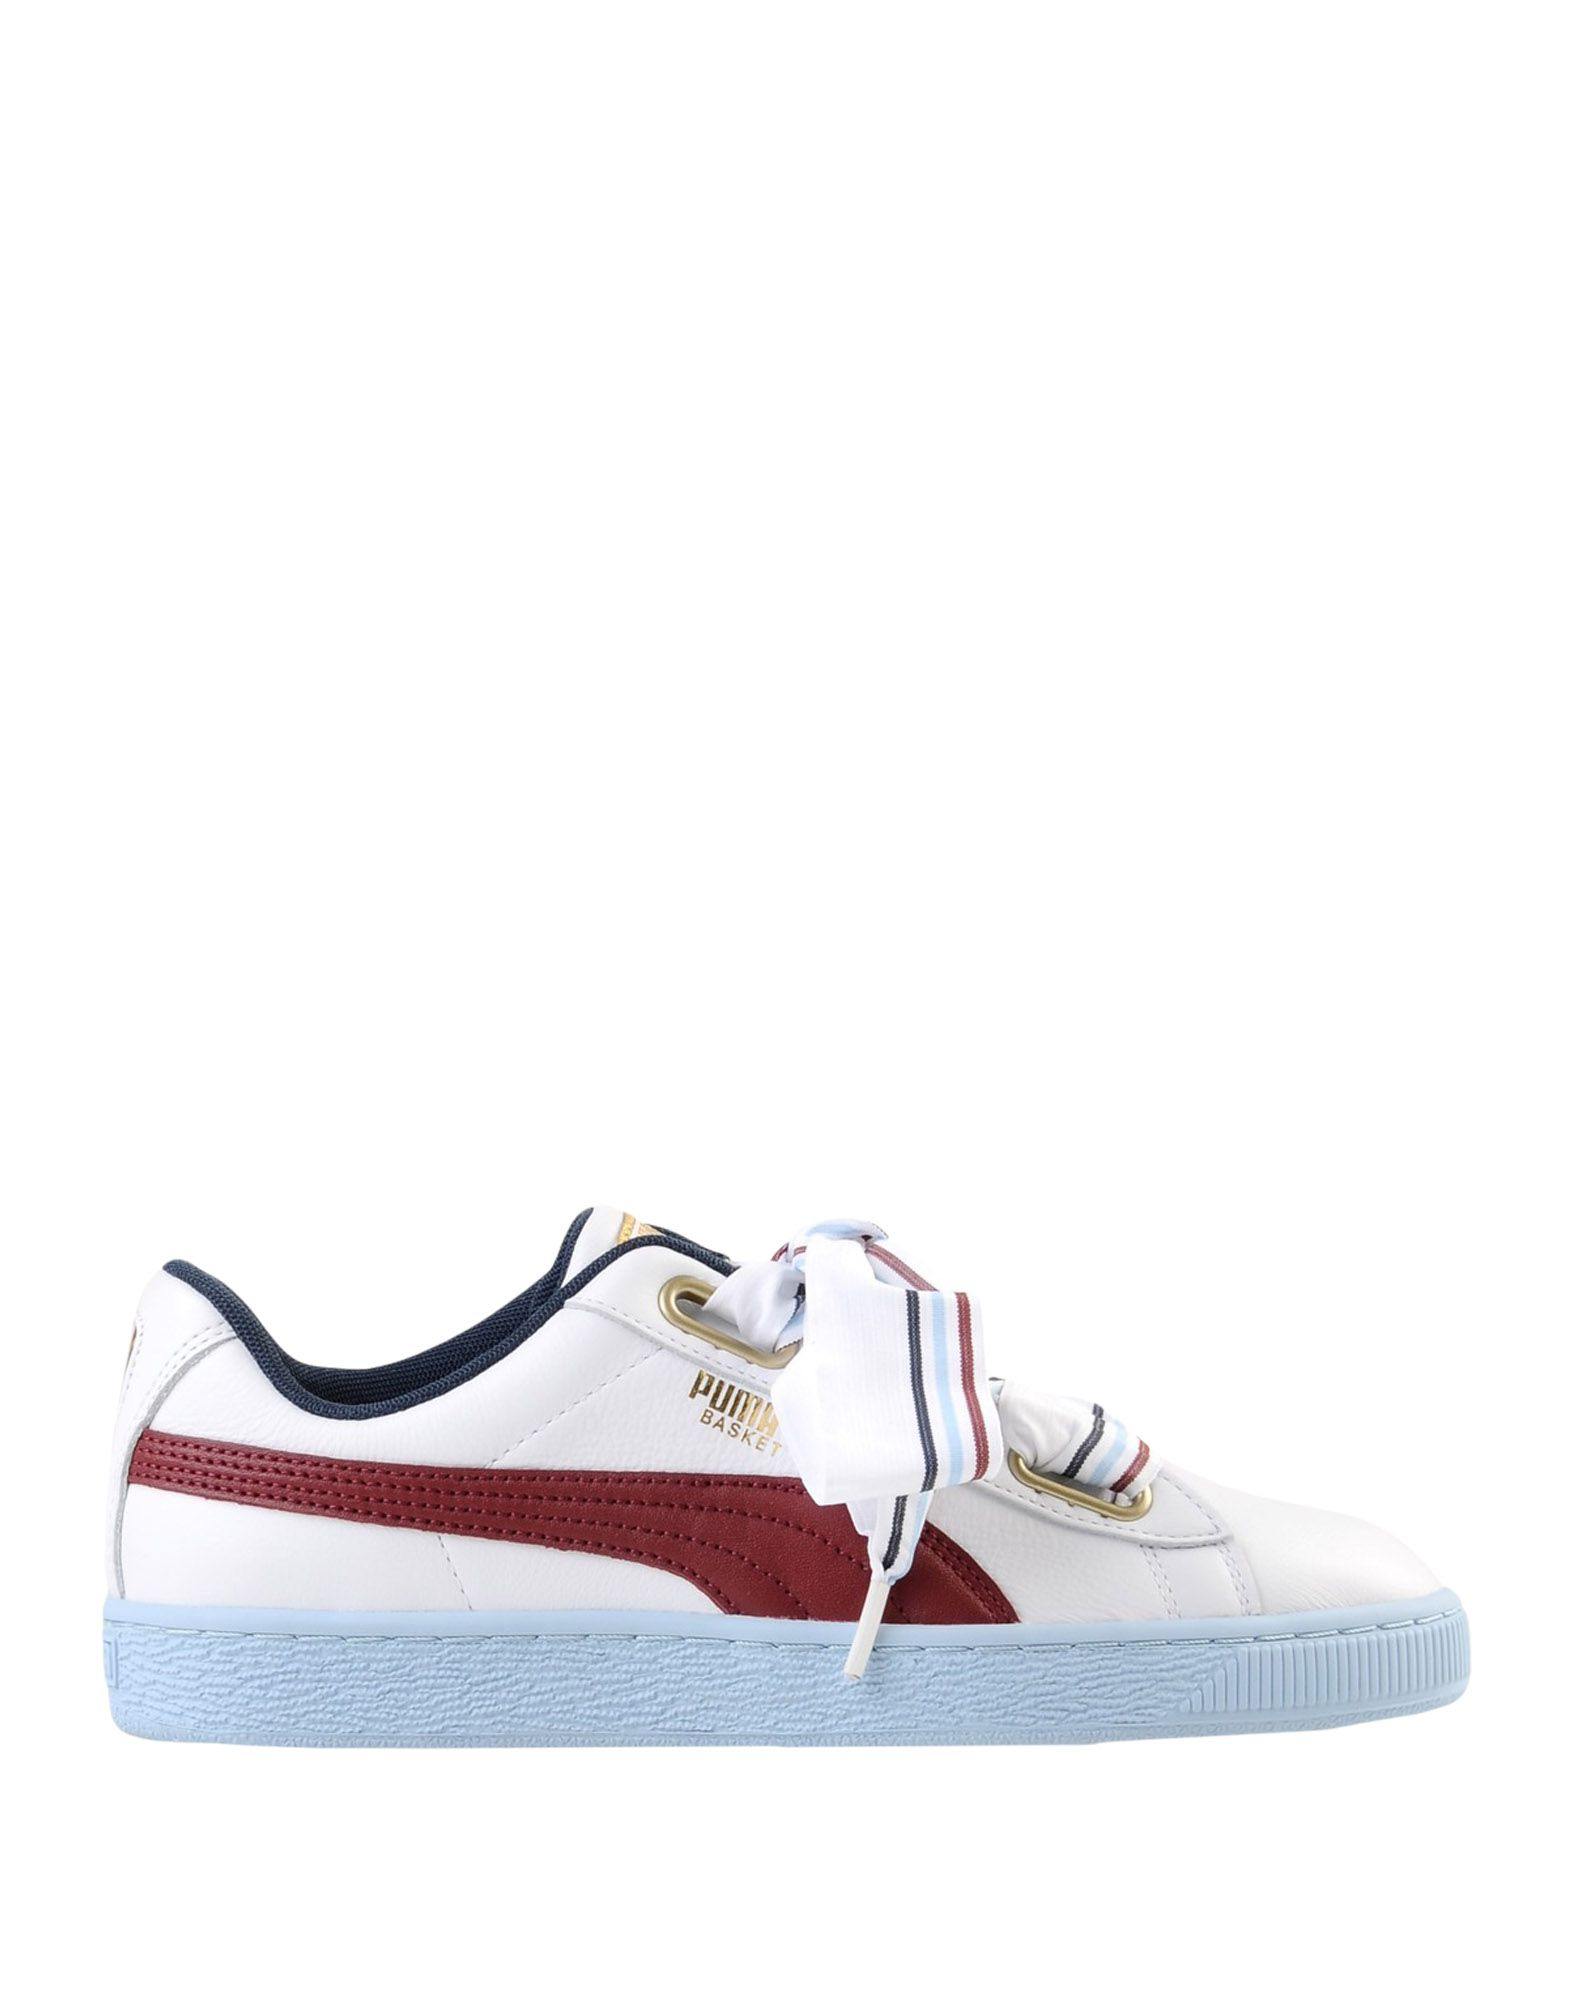 Puma 11541378RT Basket Heart New School Wn'S  11541378RT Puma Gute Qualität beliebte Schuhe 778f1b